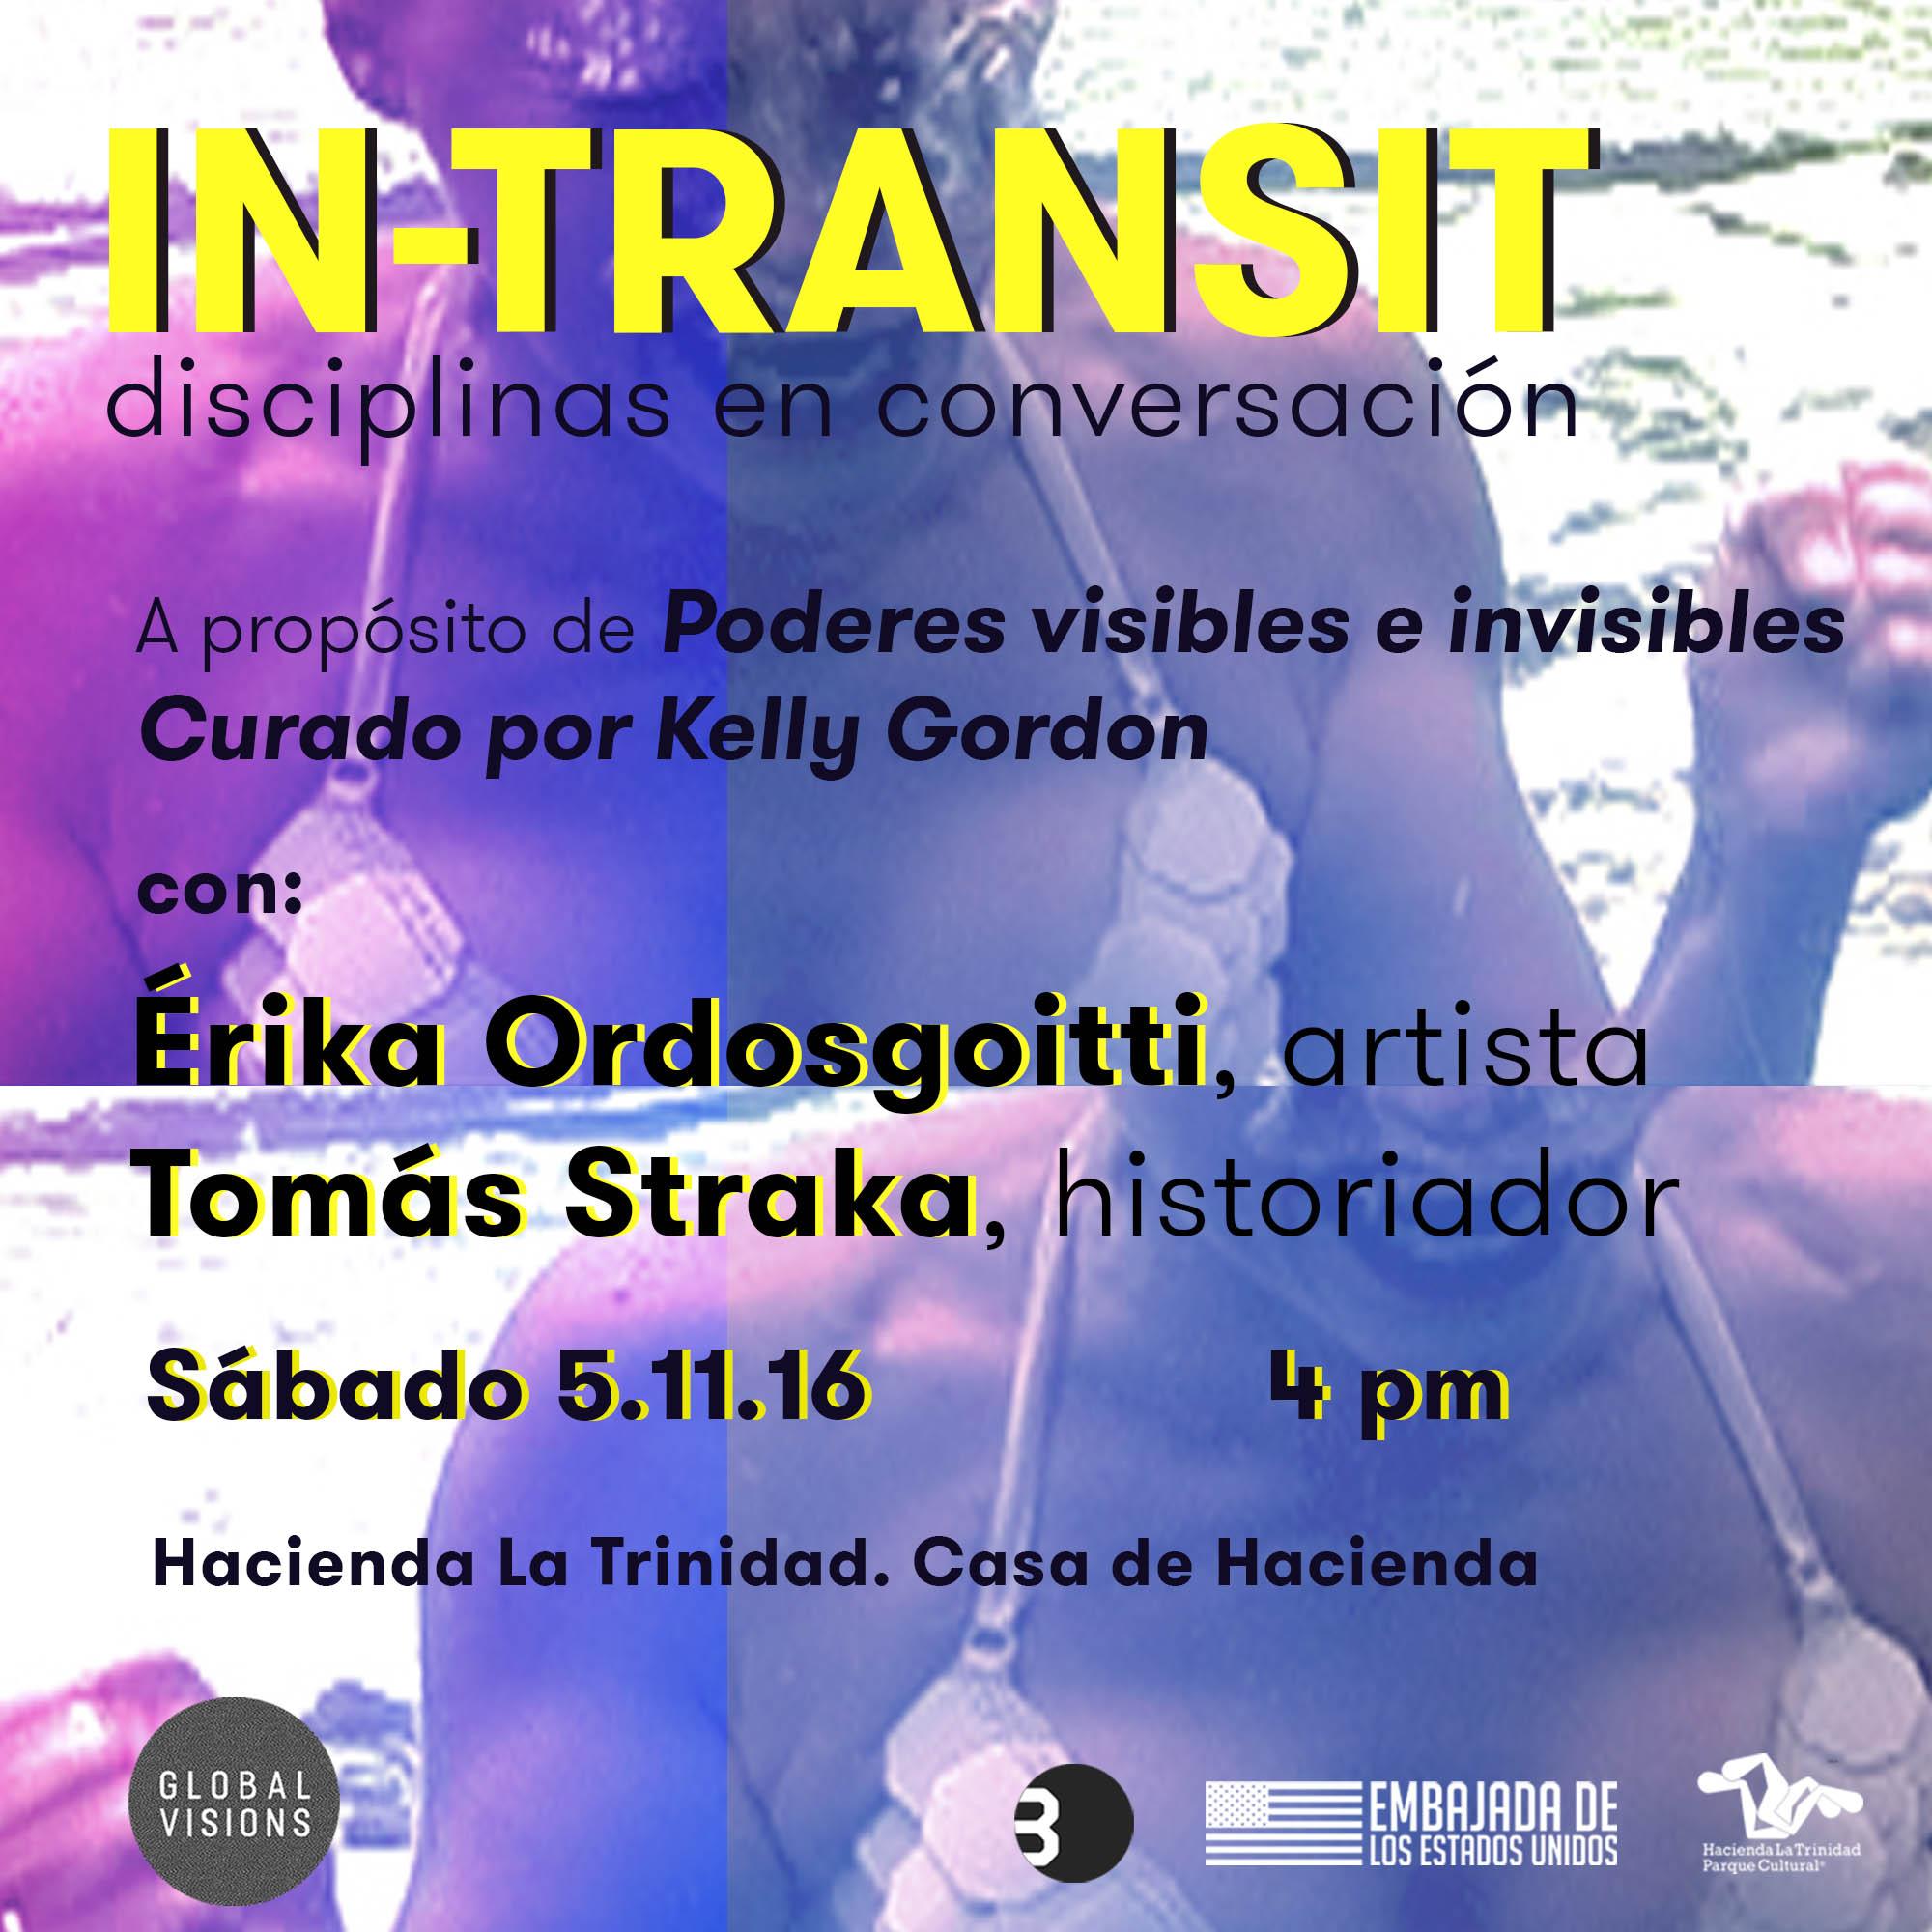 In Transit Poderes